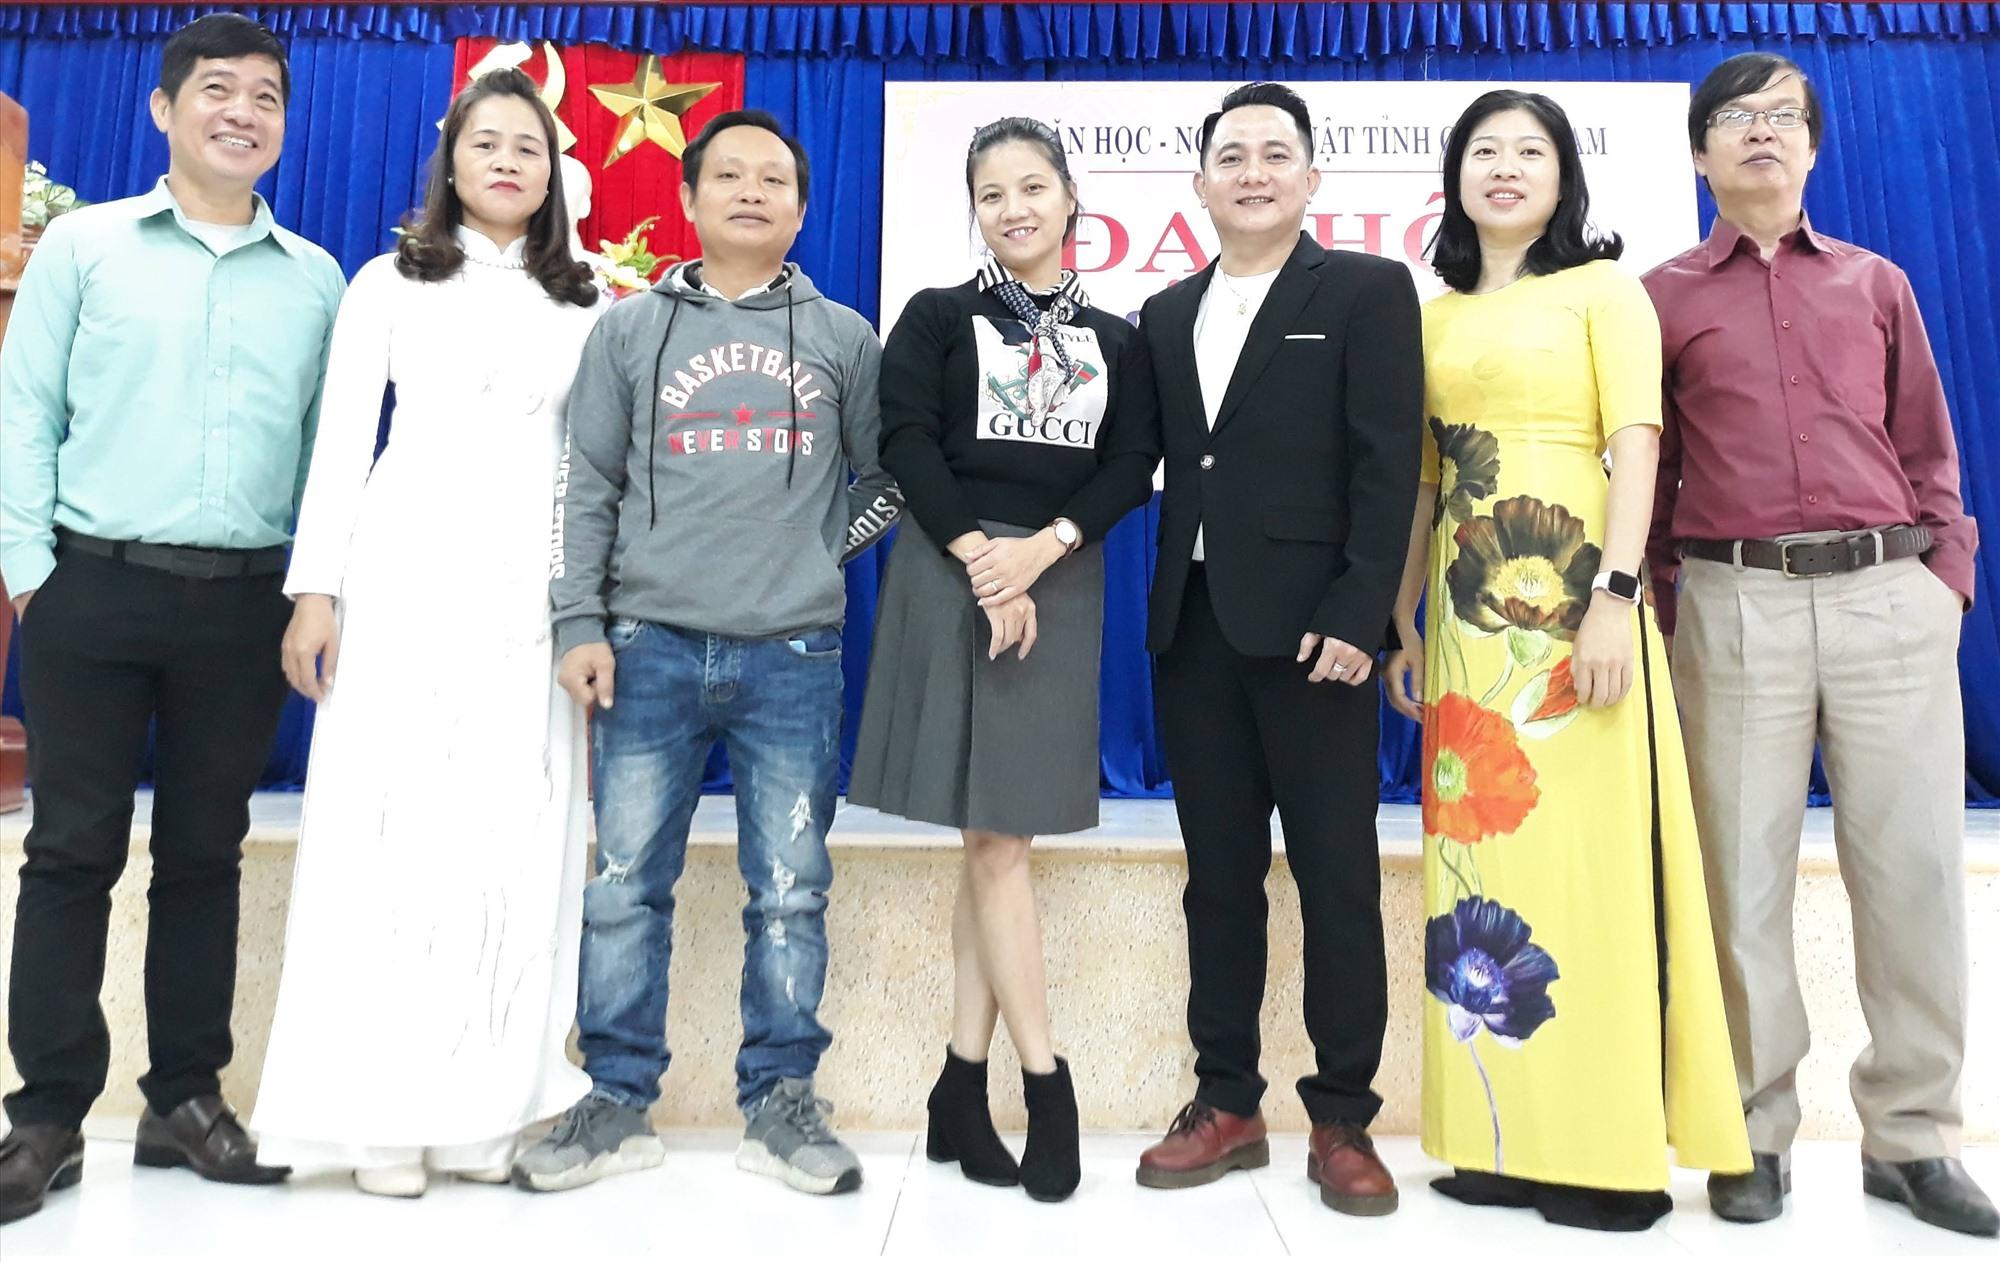 Chi hội Múa - đơn vị chuyên ngành non trẻ nhất của Hội VHNT Quảng Nam hiện nay. Ảnh: B.A